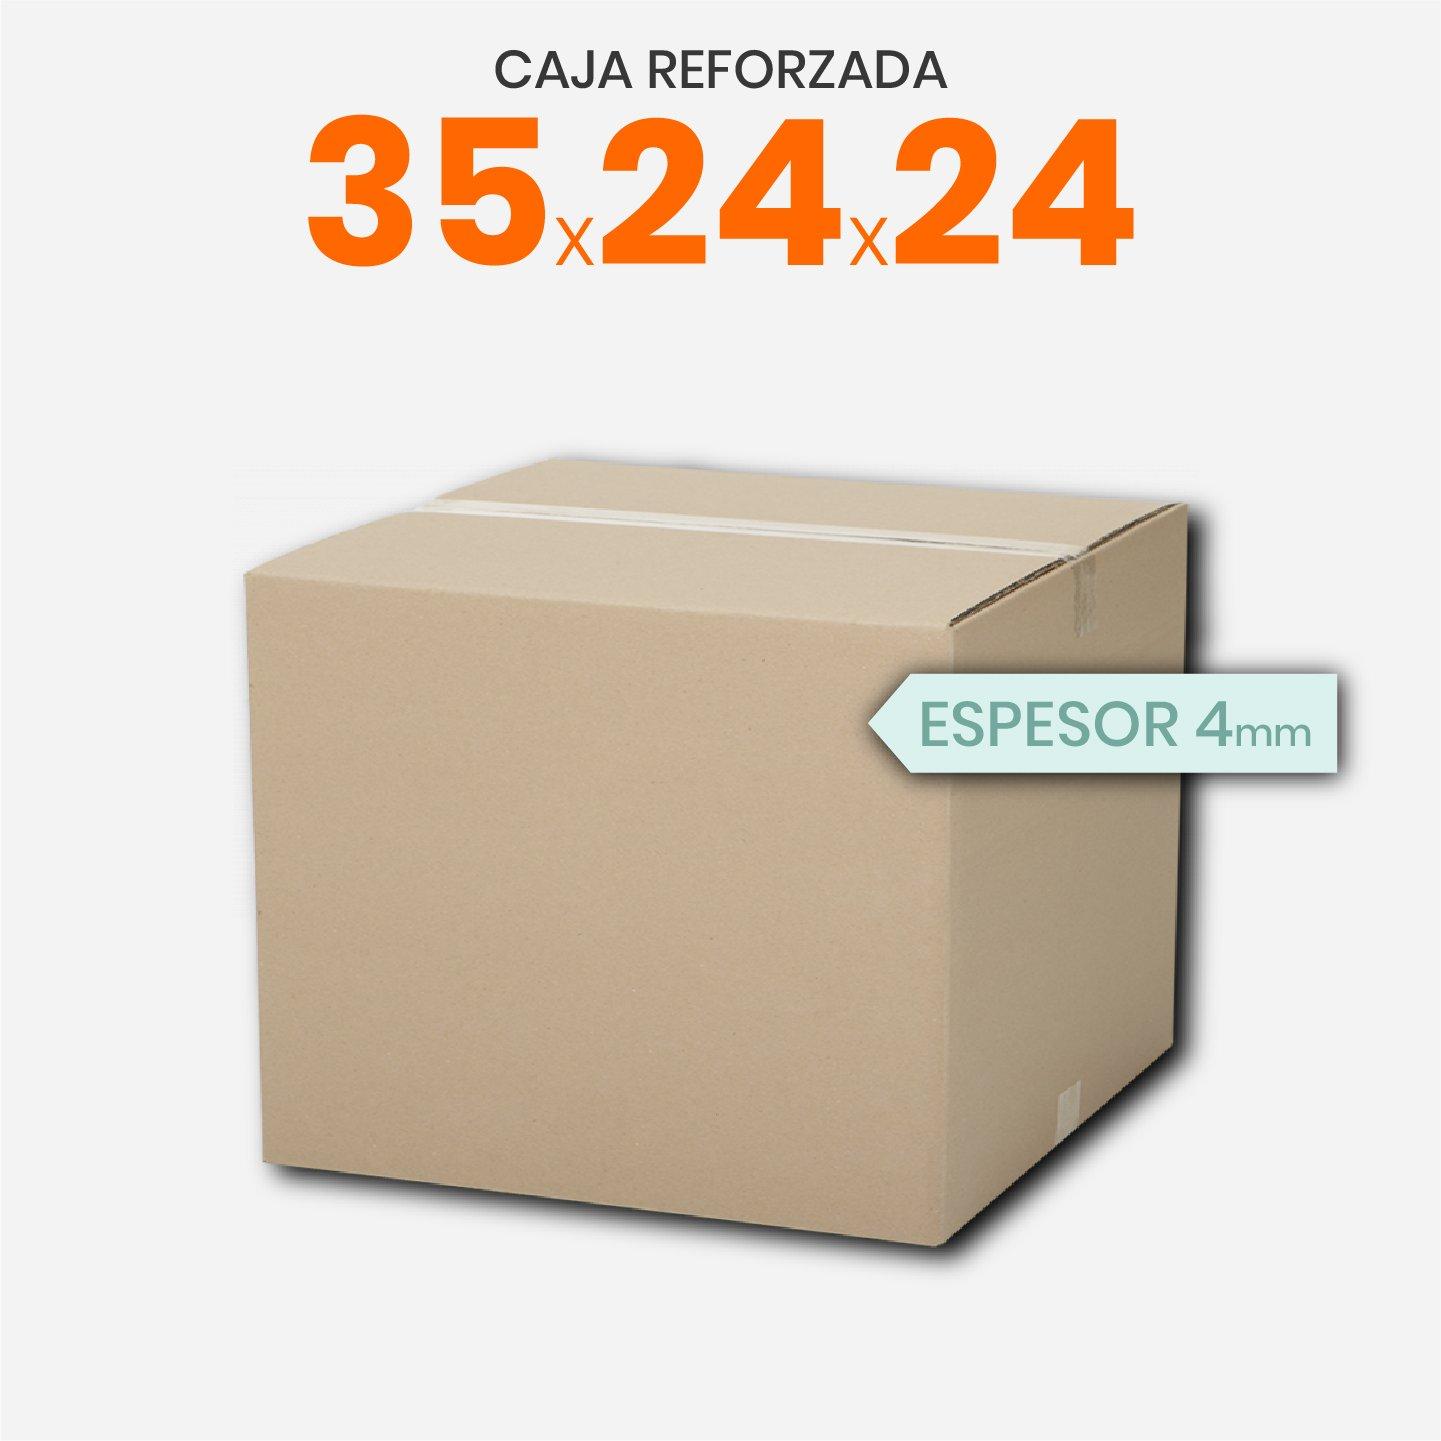 Caja De Cartón Corrugado Reforzada 35x24x24